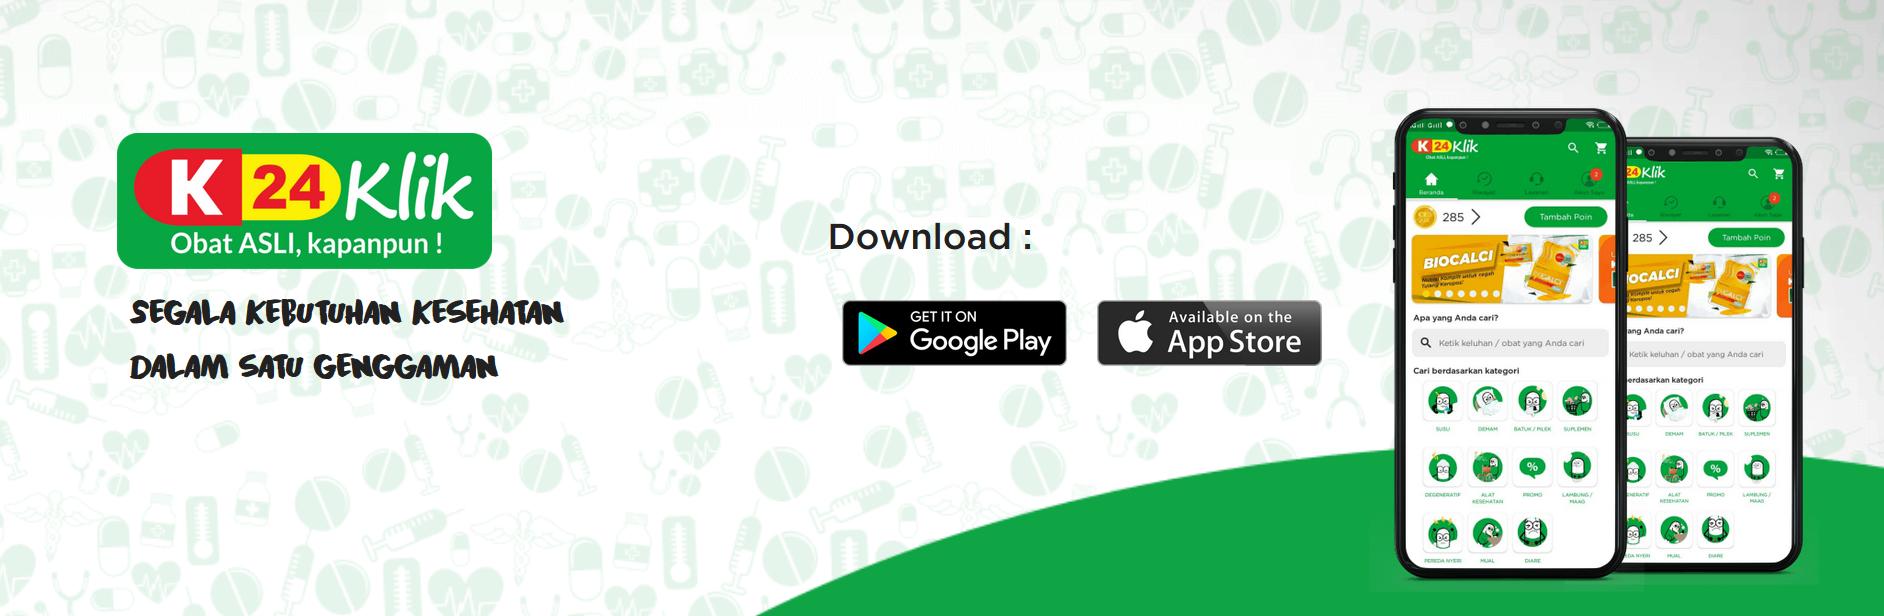 Belanja Obat Online Menggunakan Aplikasi K24Klik